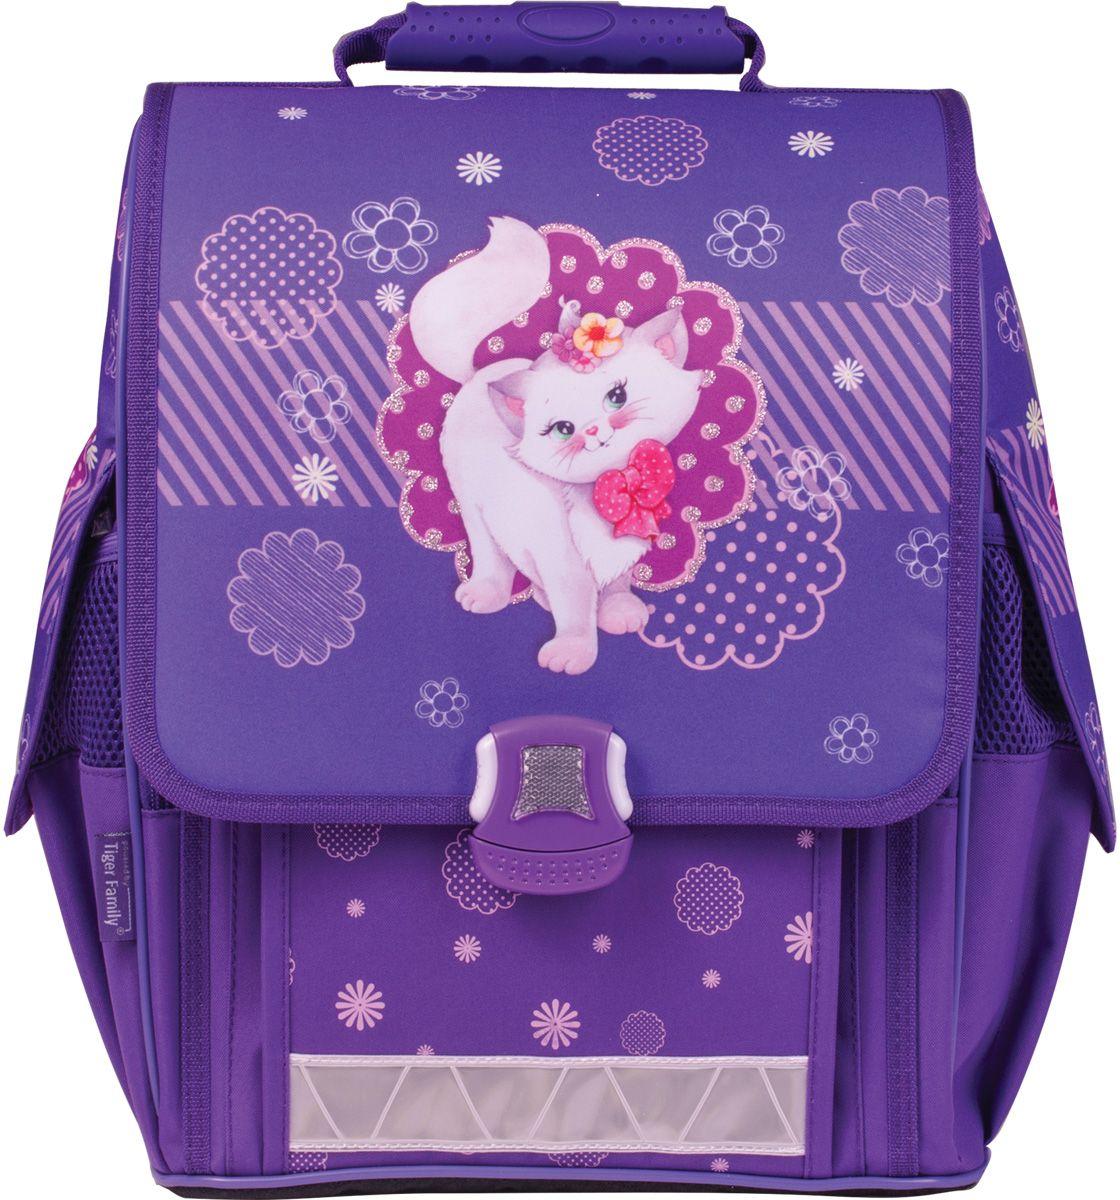 Tiger Enterprise Рюкзак детский Кошечка72523WDАккуратный ранец модного фиолетового цвета с очаровательной кошечкой и искрящимися блестками на клапане обязательно понравится маленьким школьницам. Идеальный ранец для хорошего настроения.